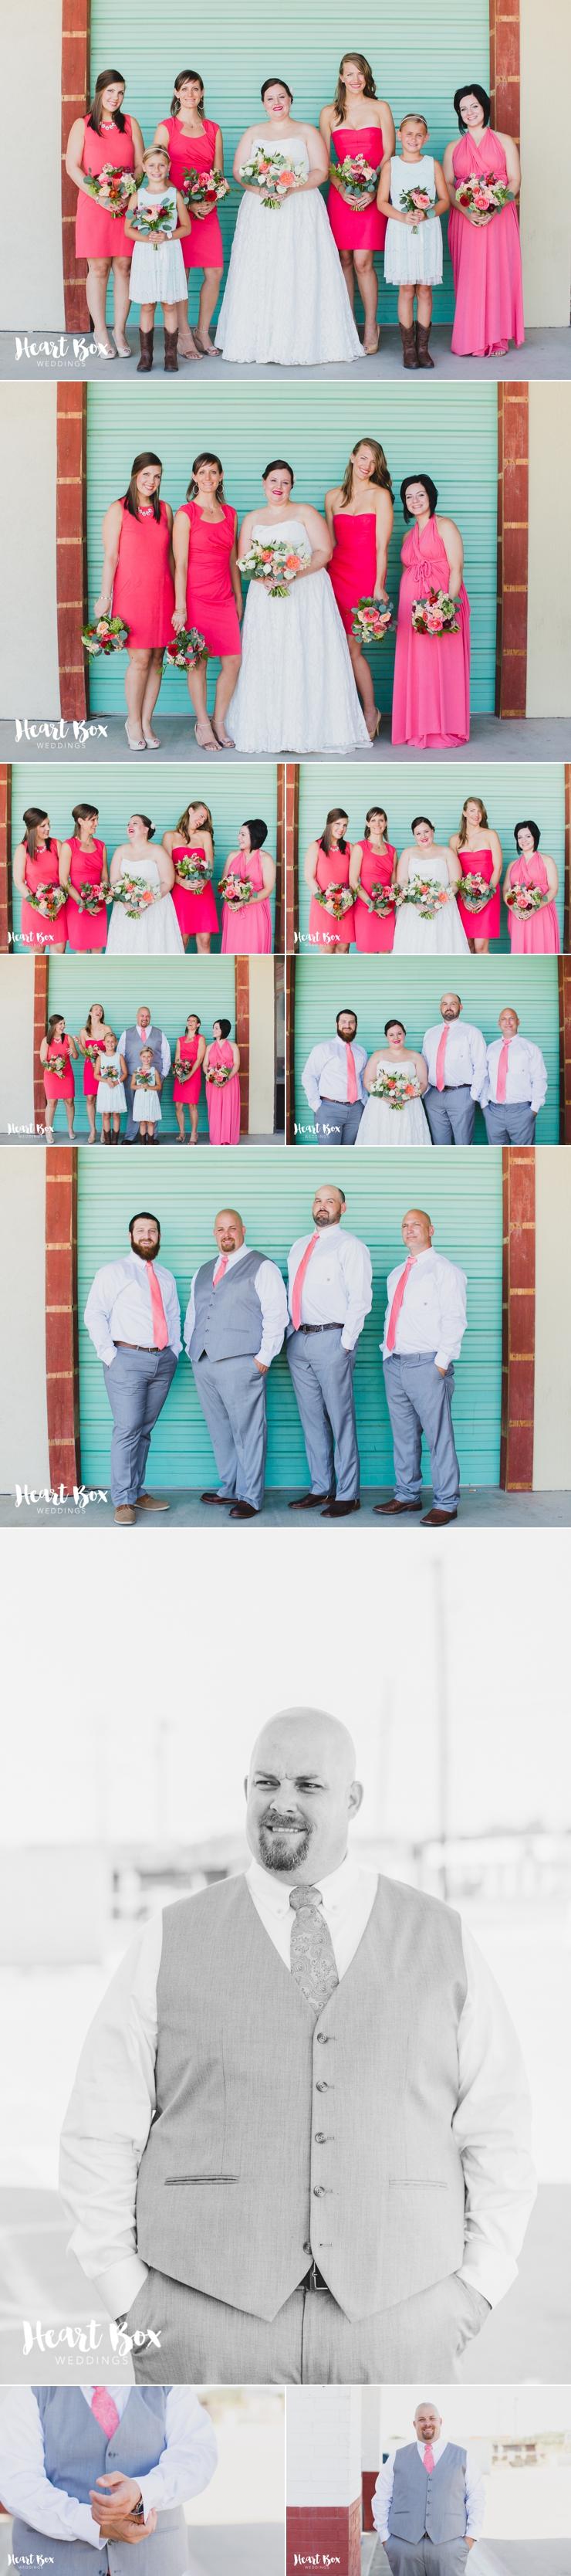 Turner Wedding Blog Collages 9.jpg